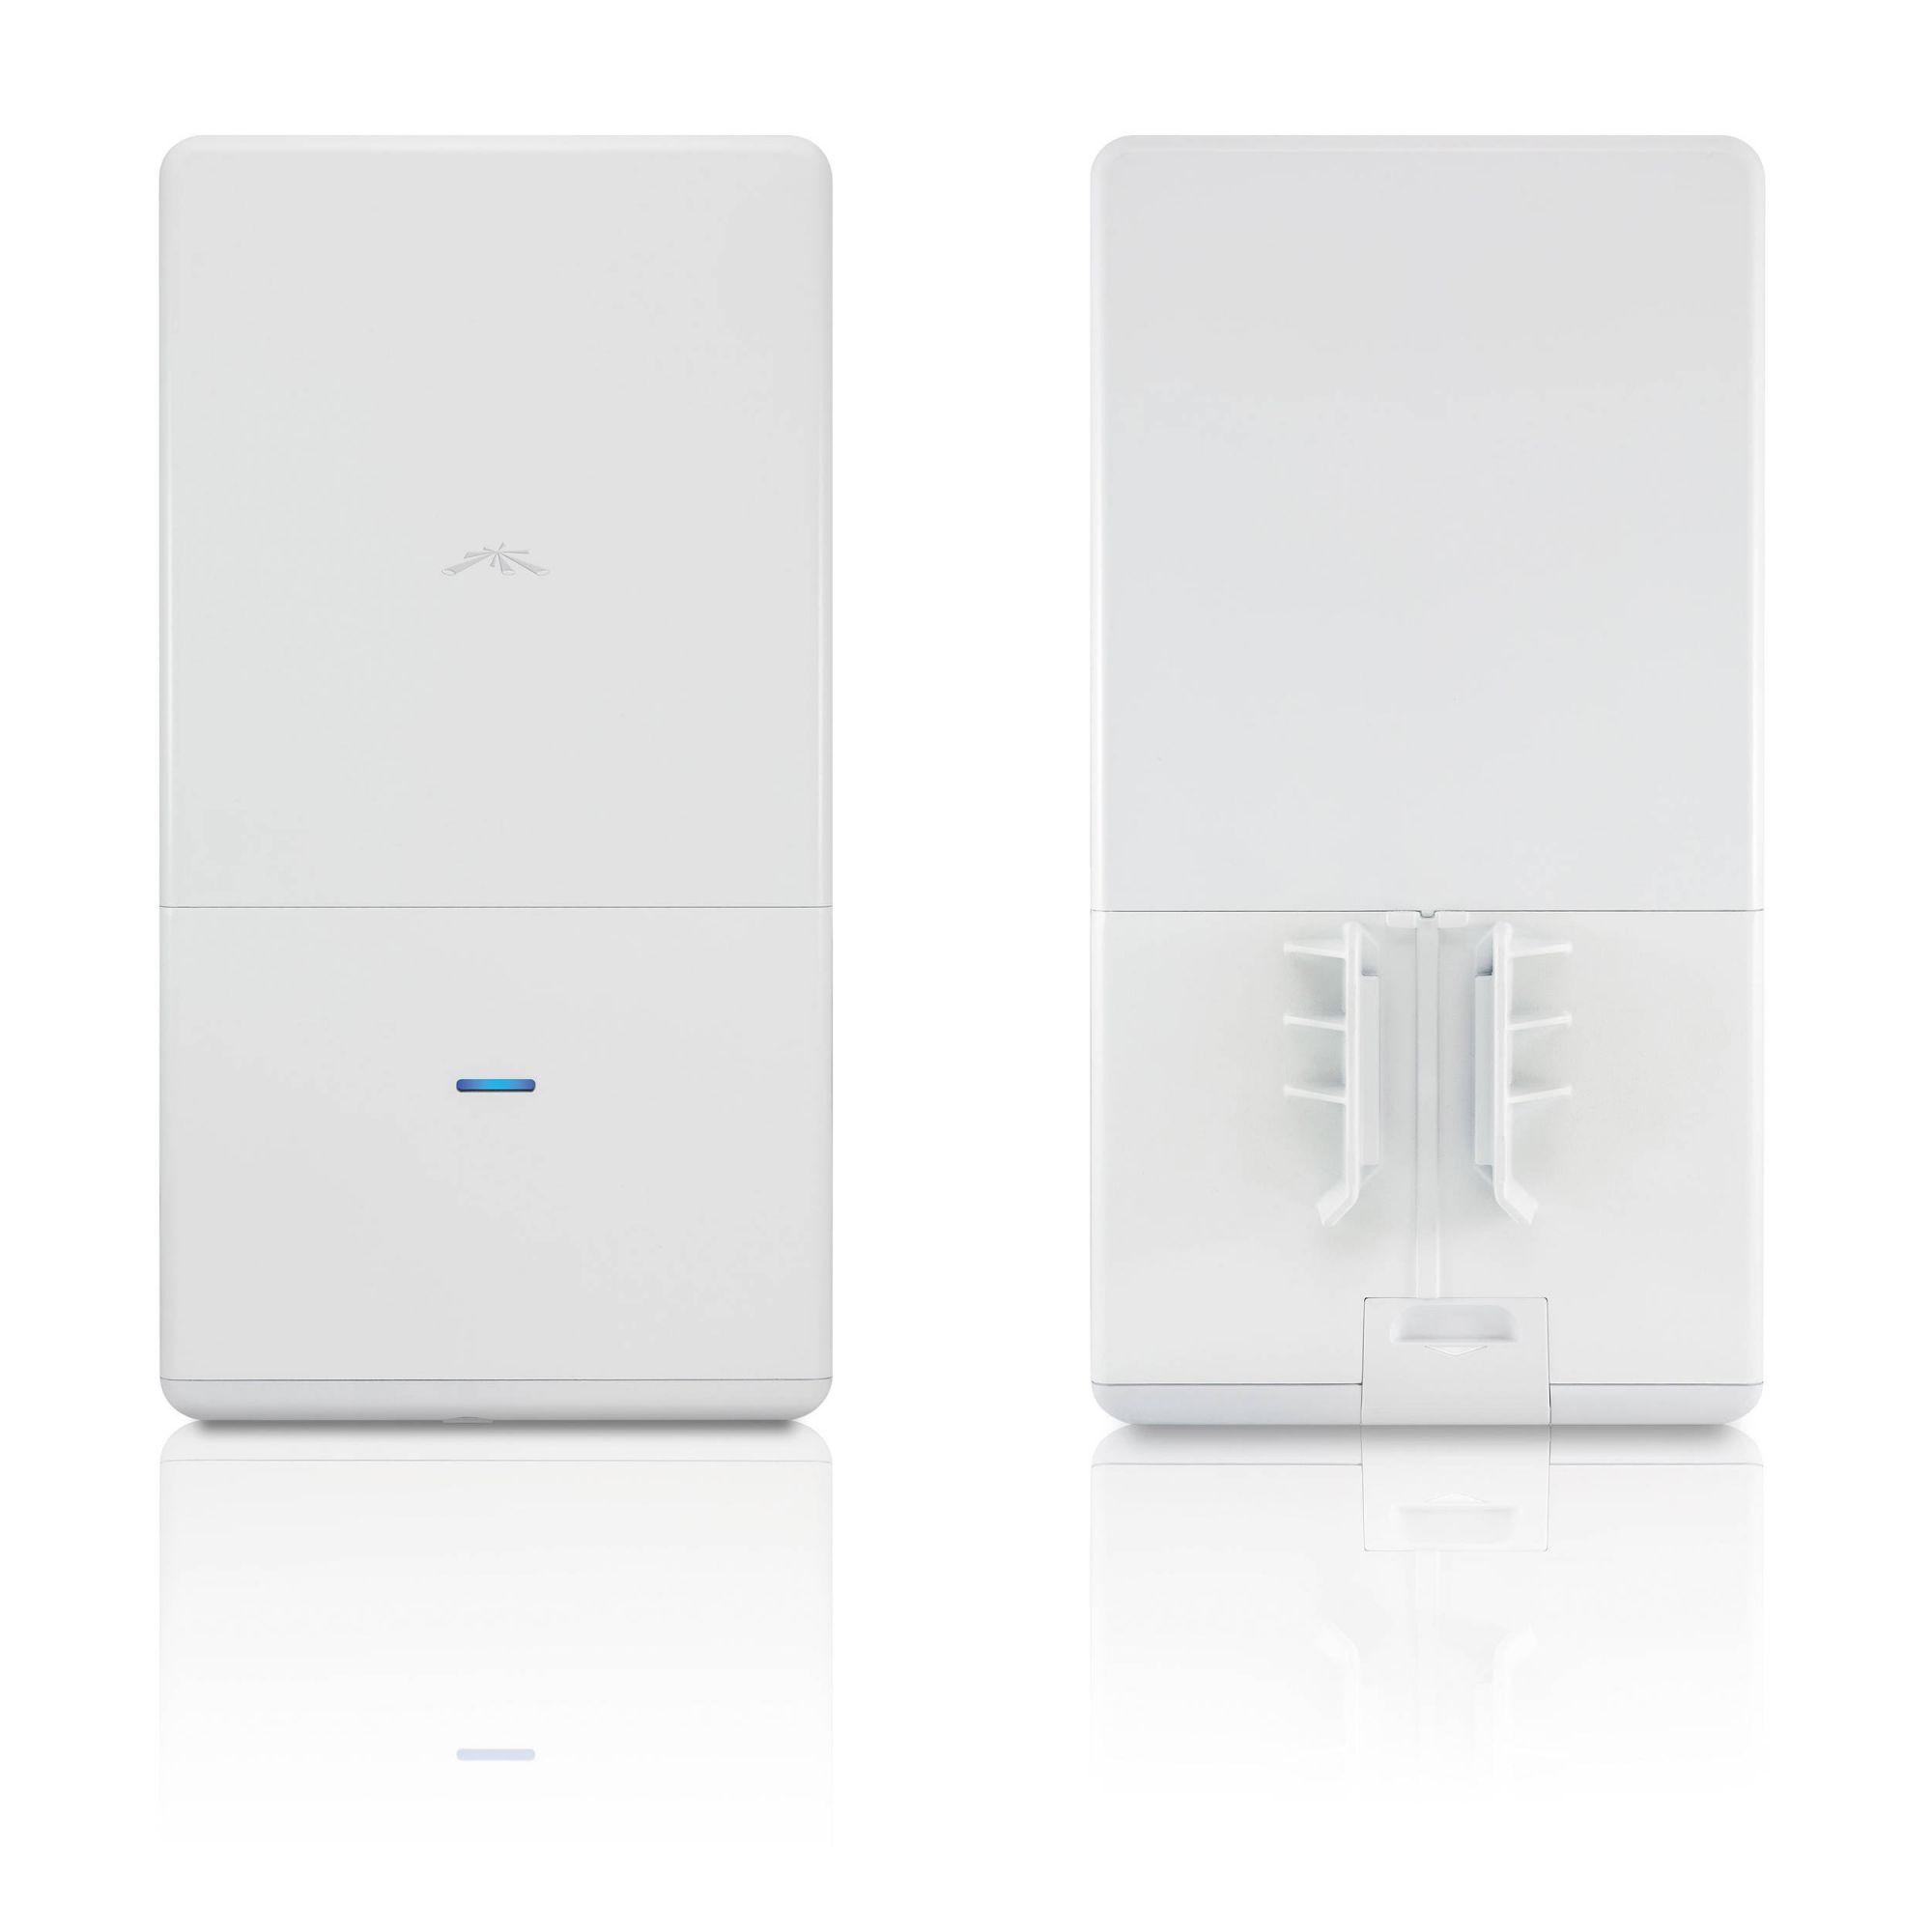 Ubnt Uap-Ac Outdoor 2.4Ghz/5Ghz Unifi Ap **